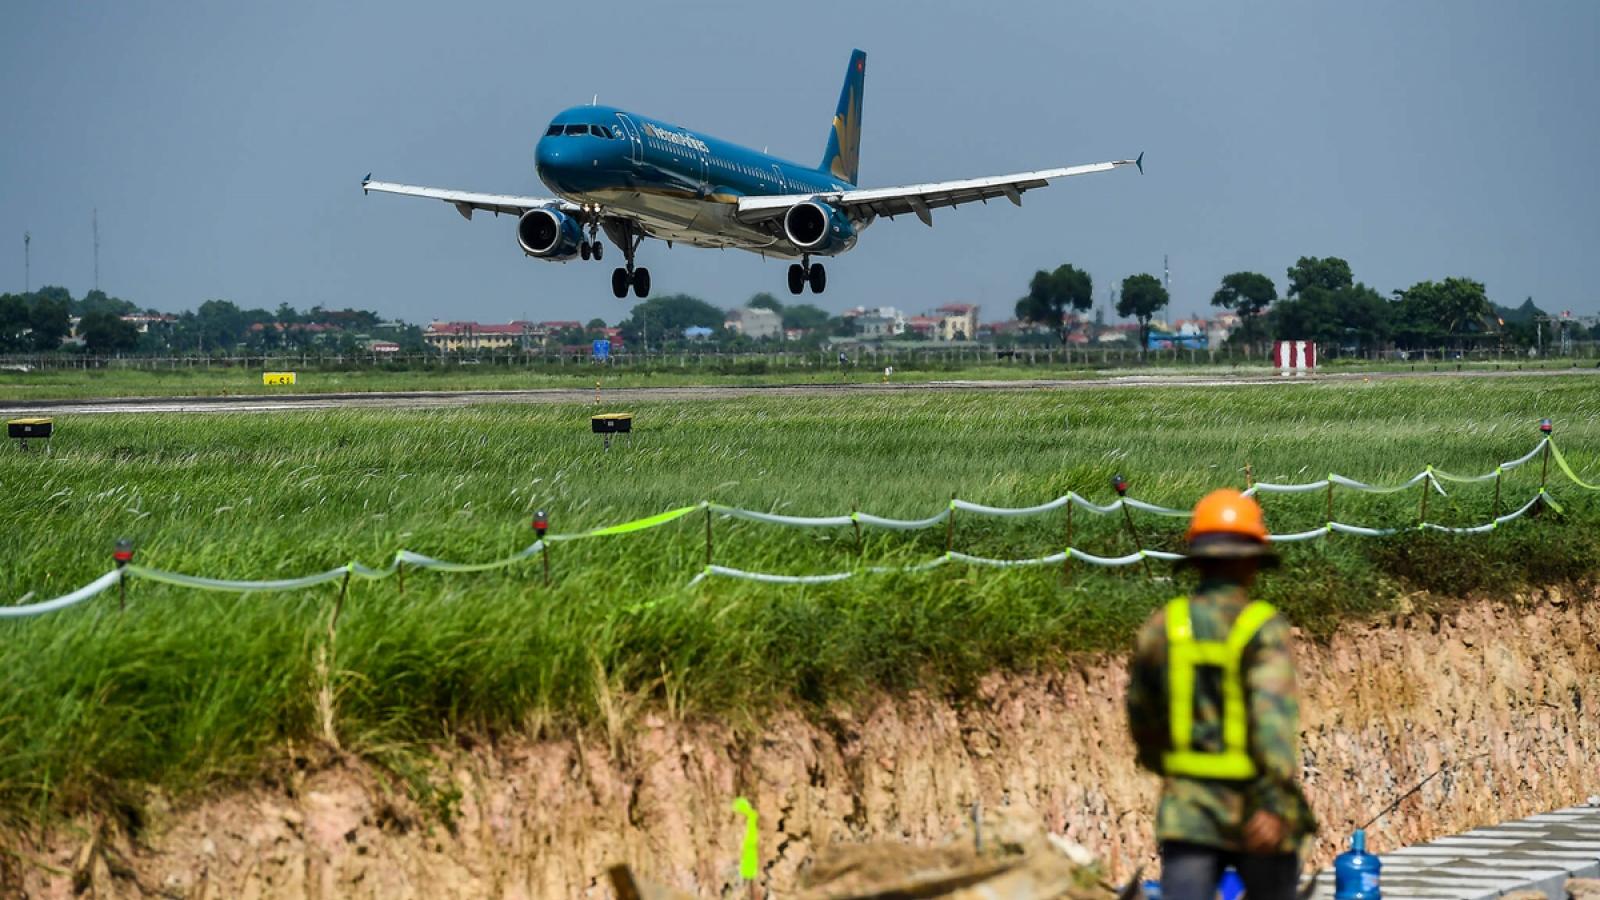 Sân bay thứ 2 của Hà Nội sẽ ở Hòa Lạc hay Ứng Hòa?